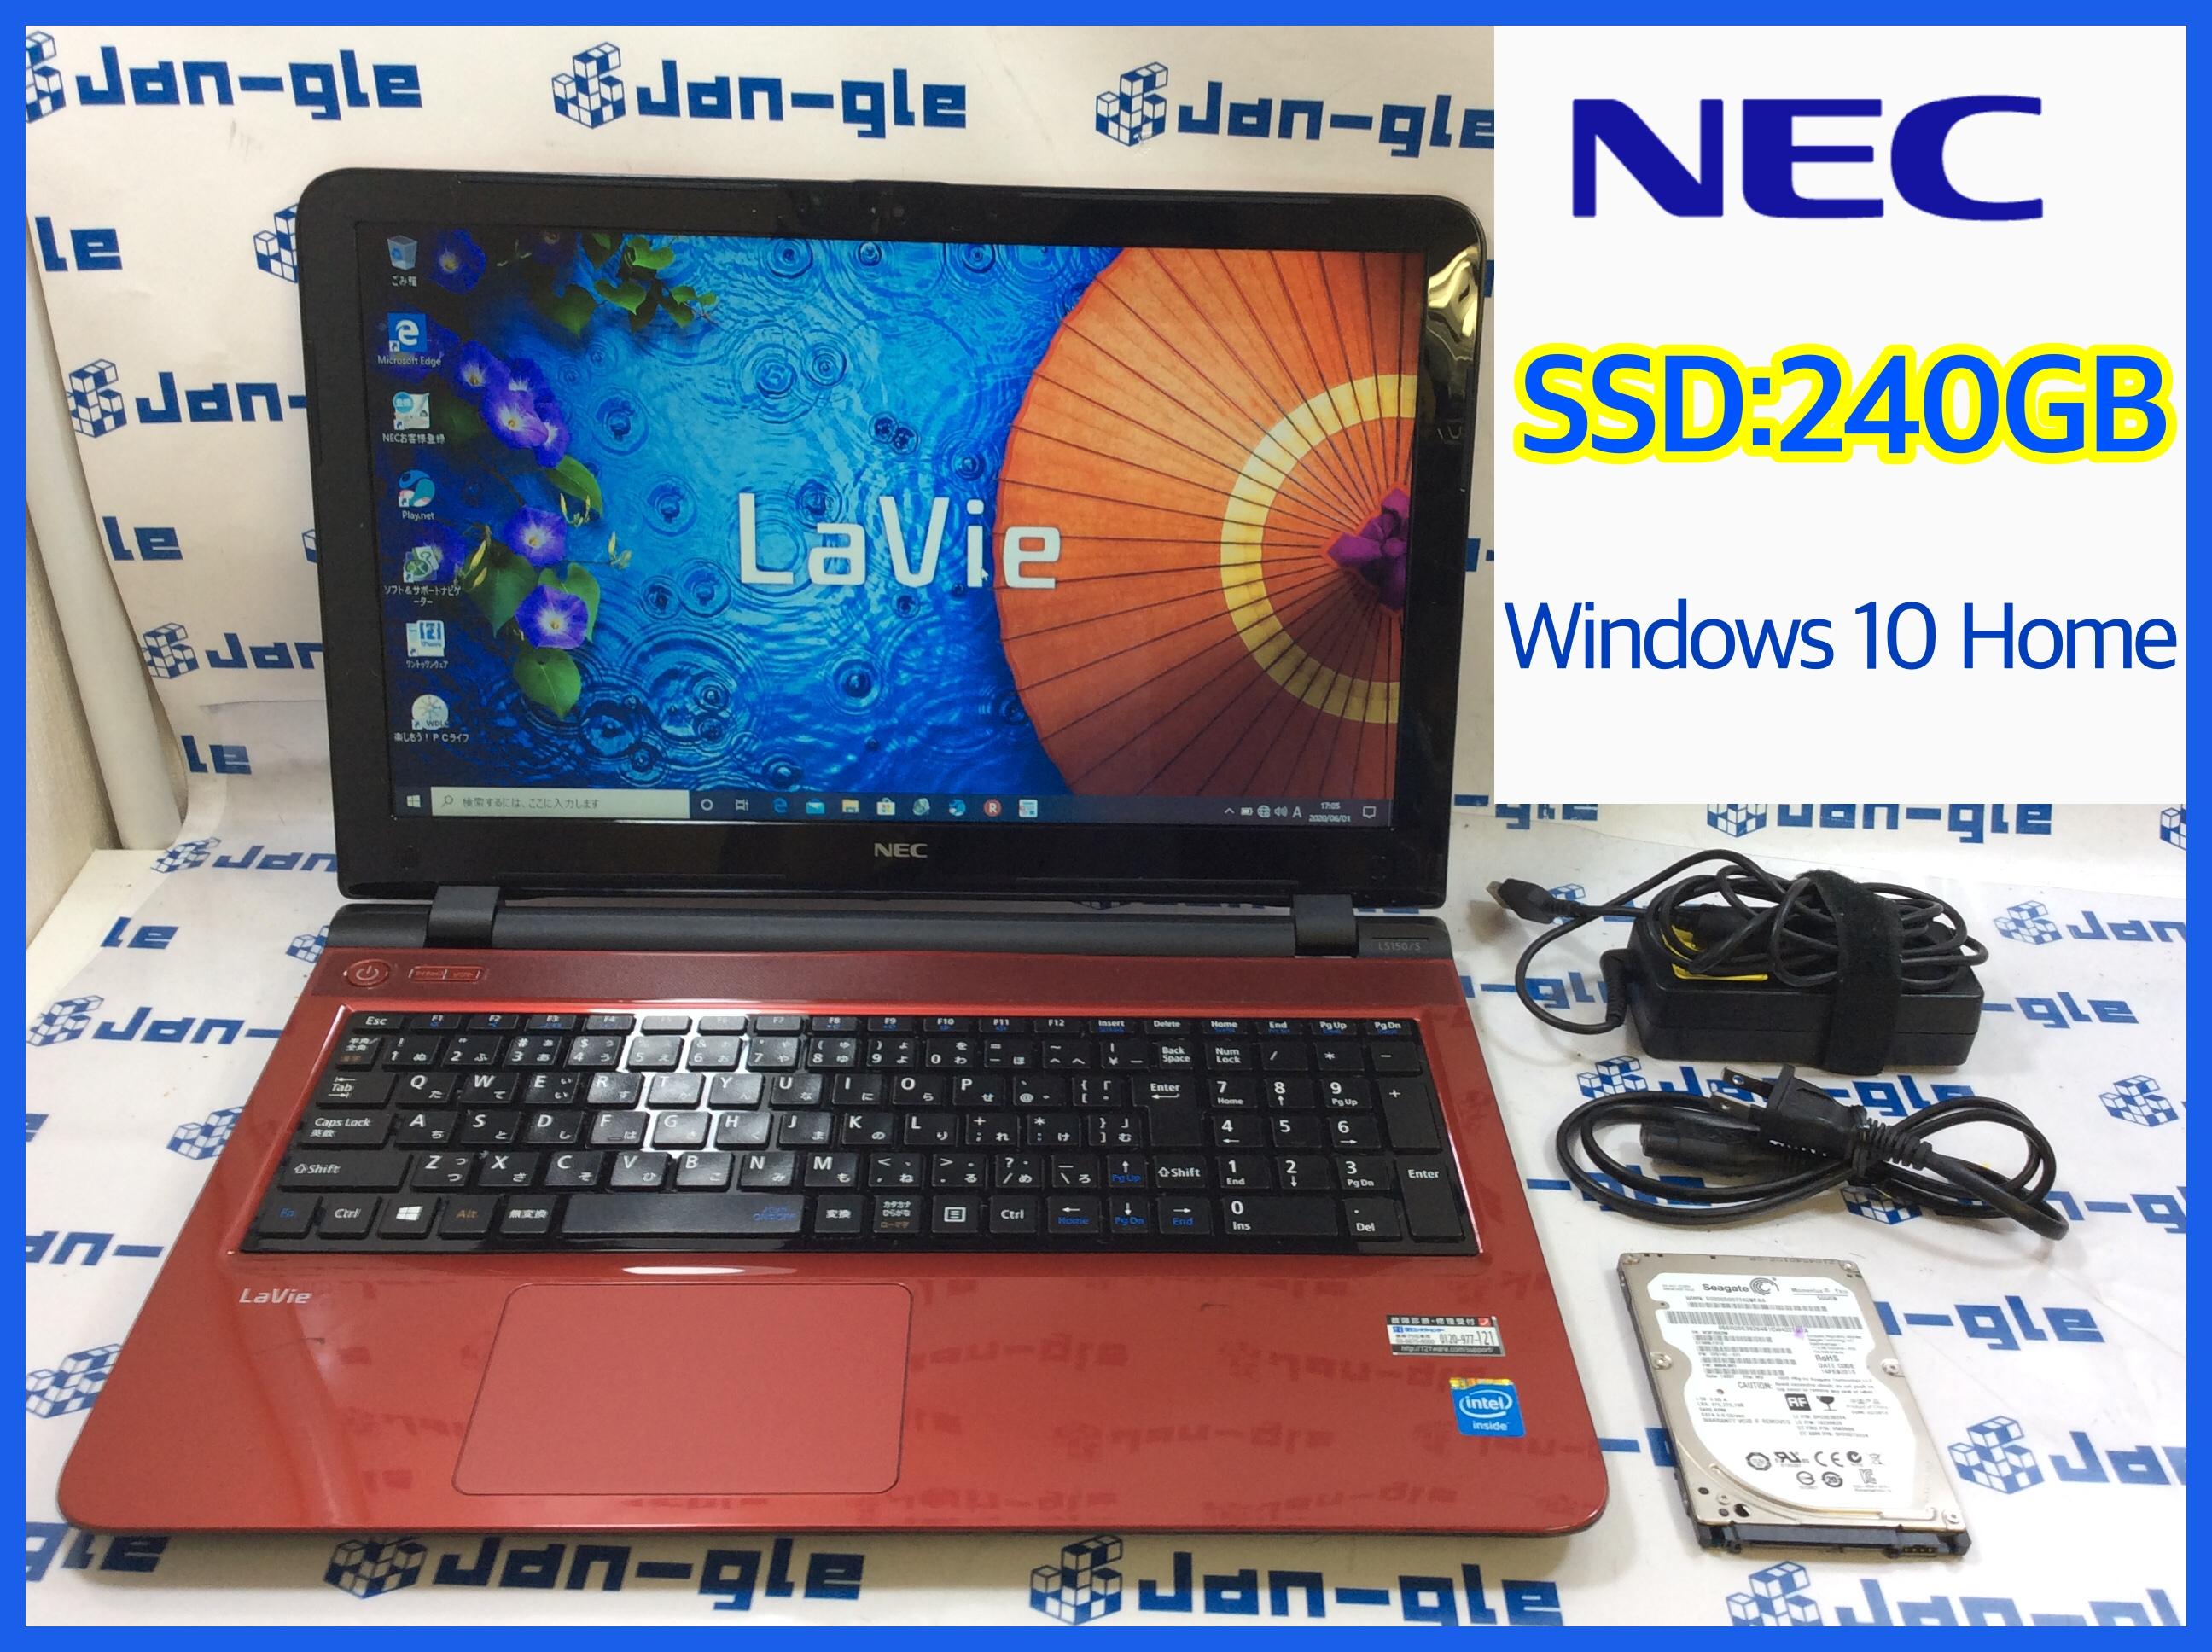 【KS】【中古】Windows10アップグレード済み!!  Celeron  SSD240GB メモリ8GB PC-LS150SSR-T2 この機会にいかがでしょうか!! 15.6インチ J358582 G☆